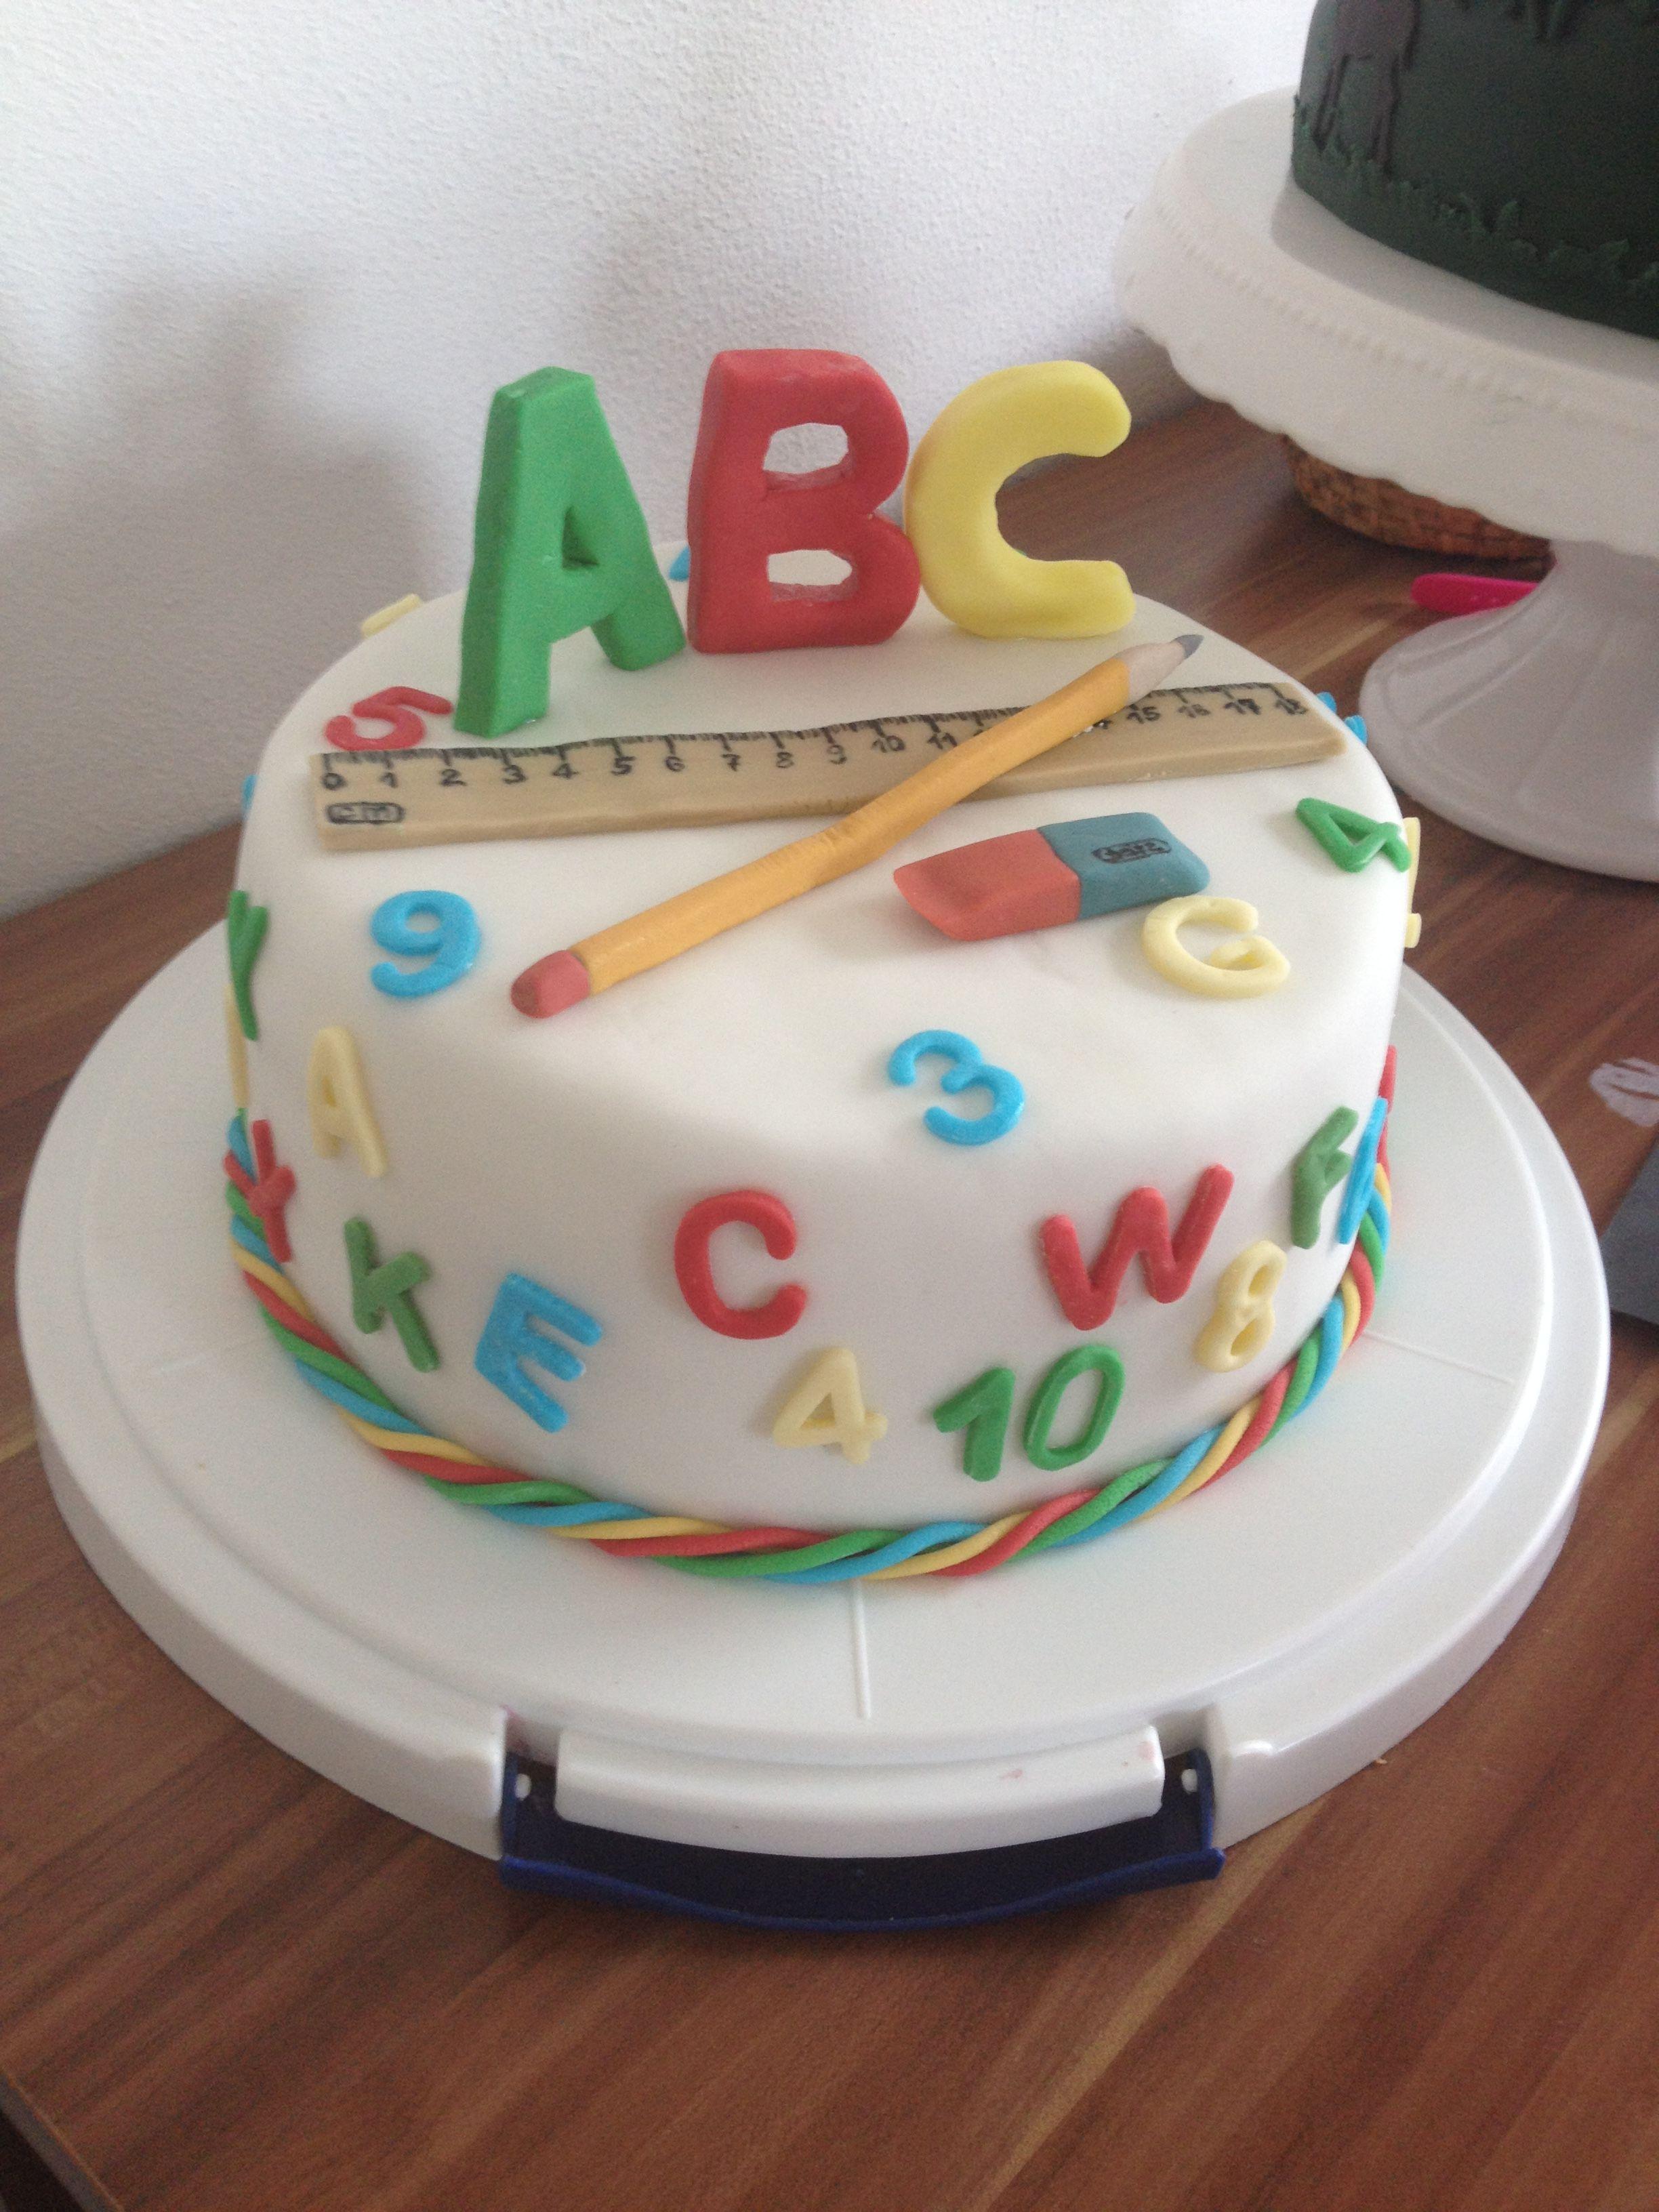 No 5 Abc Cake School Kindergarten Lehrer Kuchen Schulkuchen Torte Einschulung